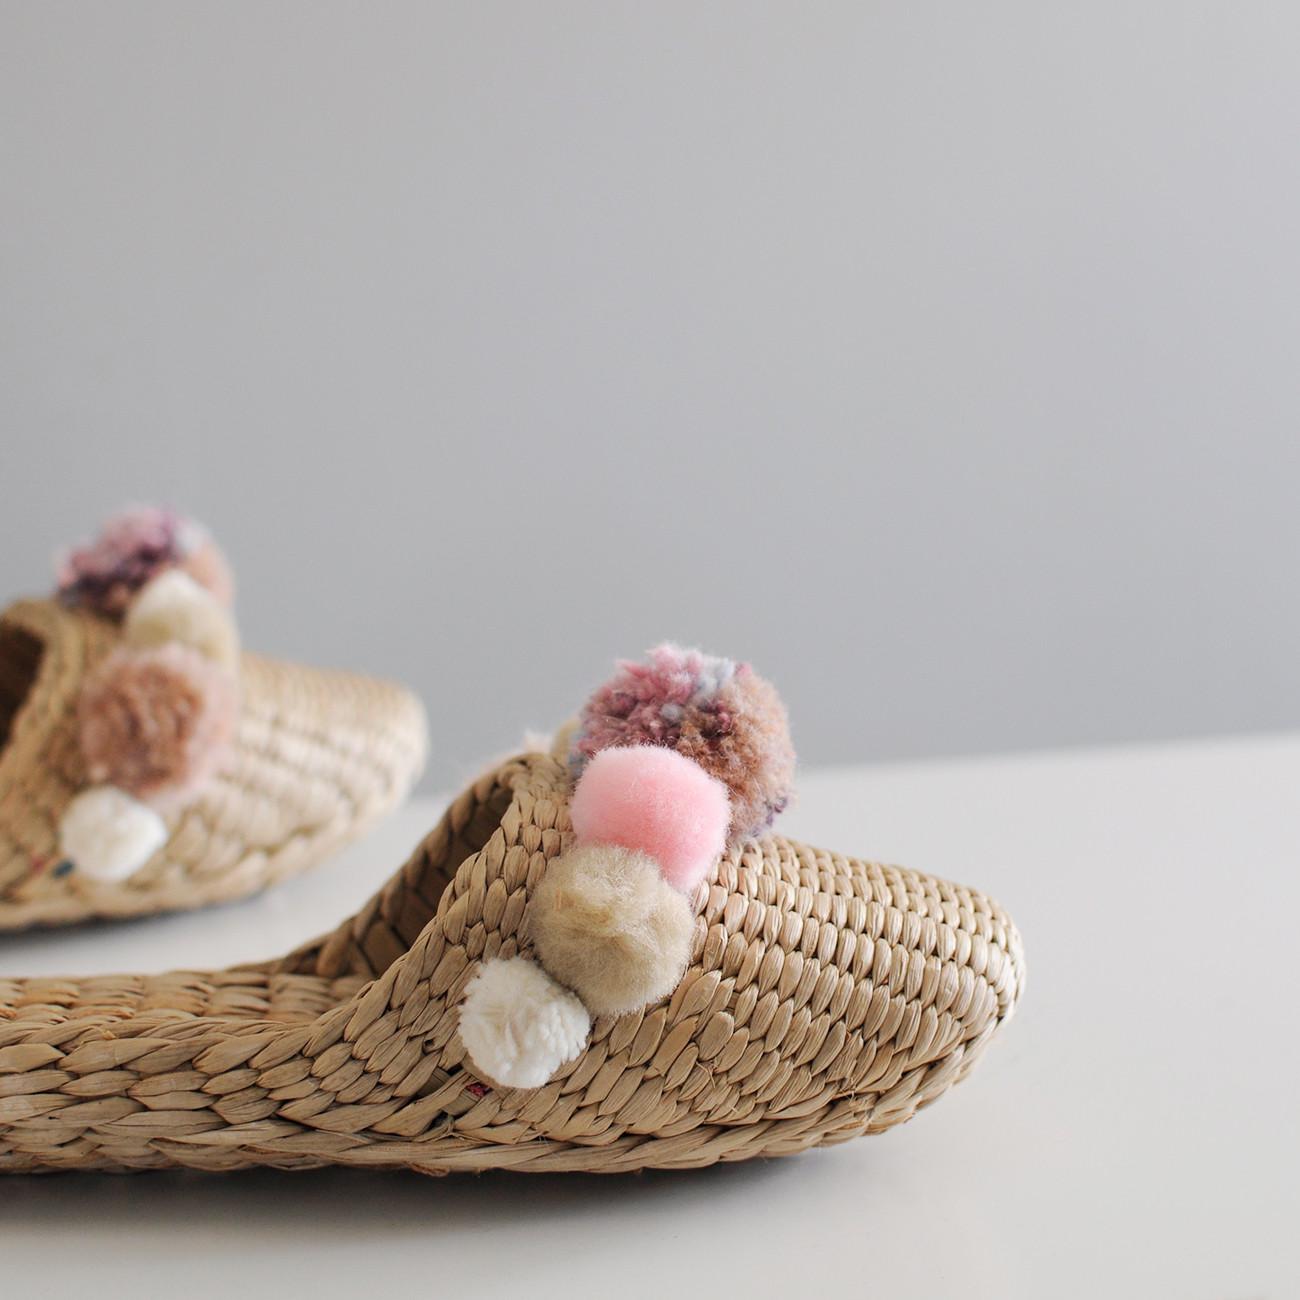 pompom-slippers-pink-quartz-closeup.jpg